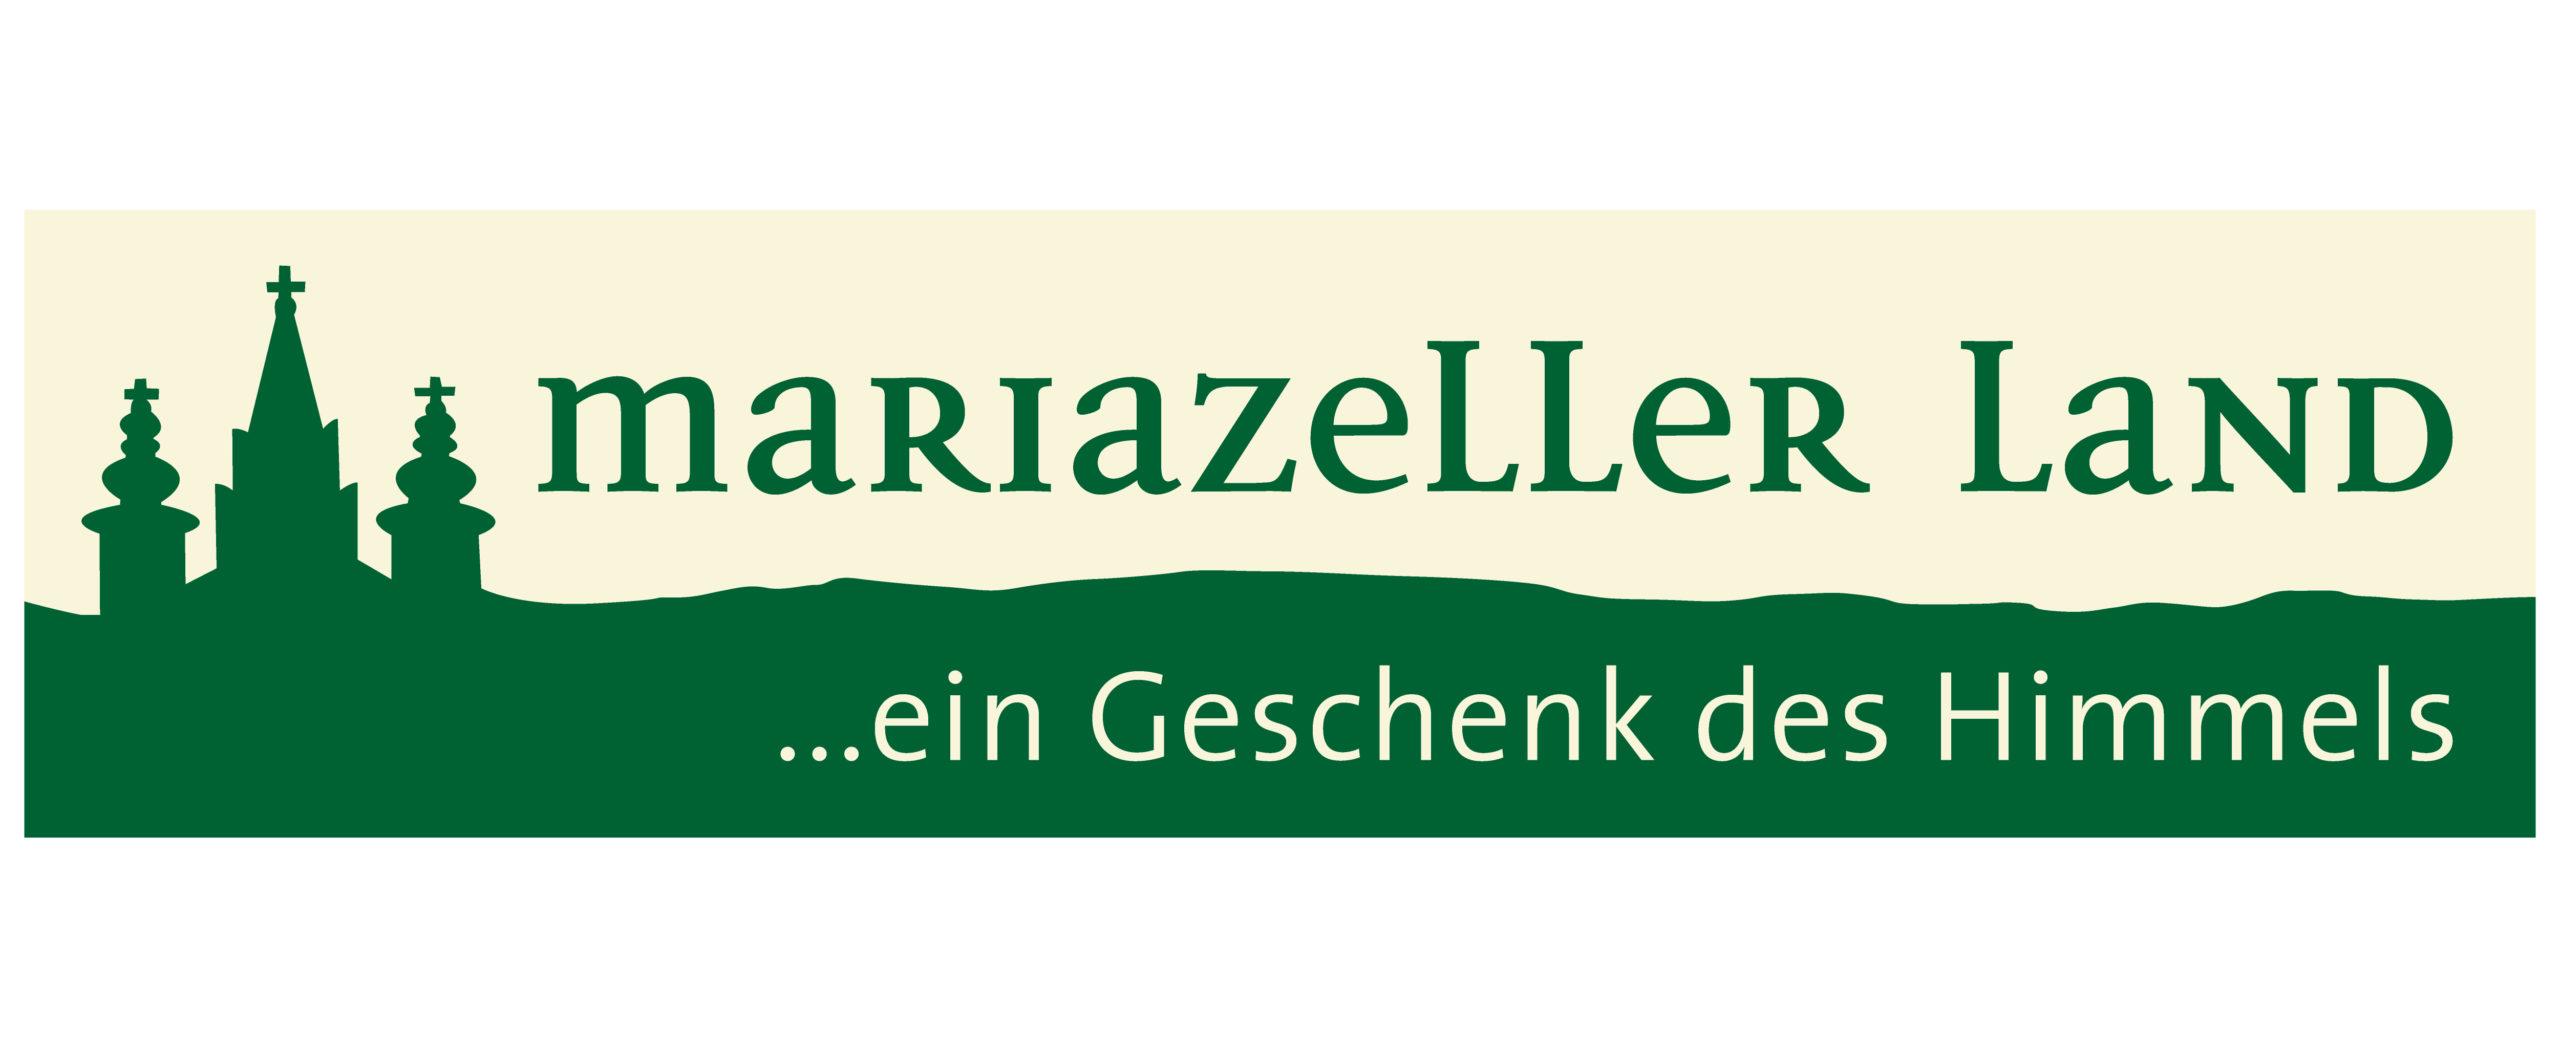 Mariazellerland Logo